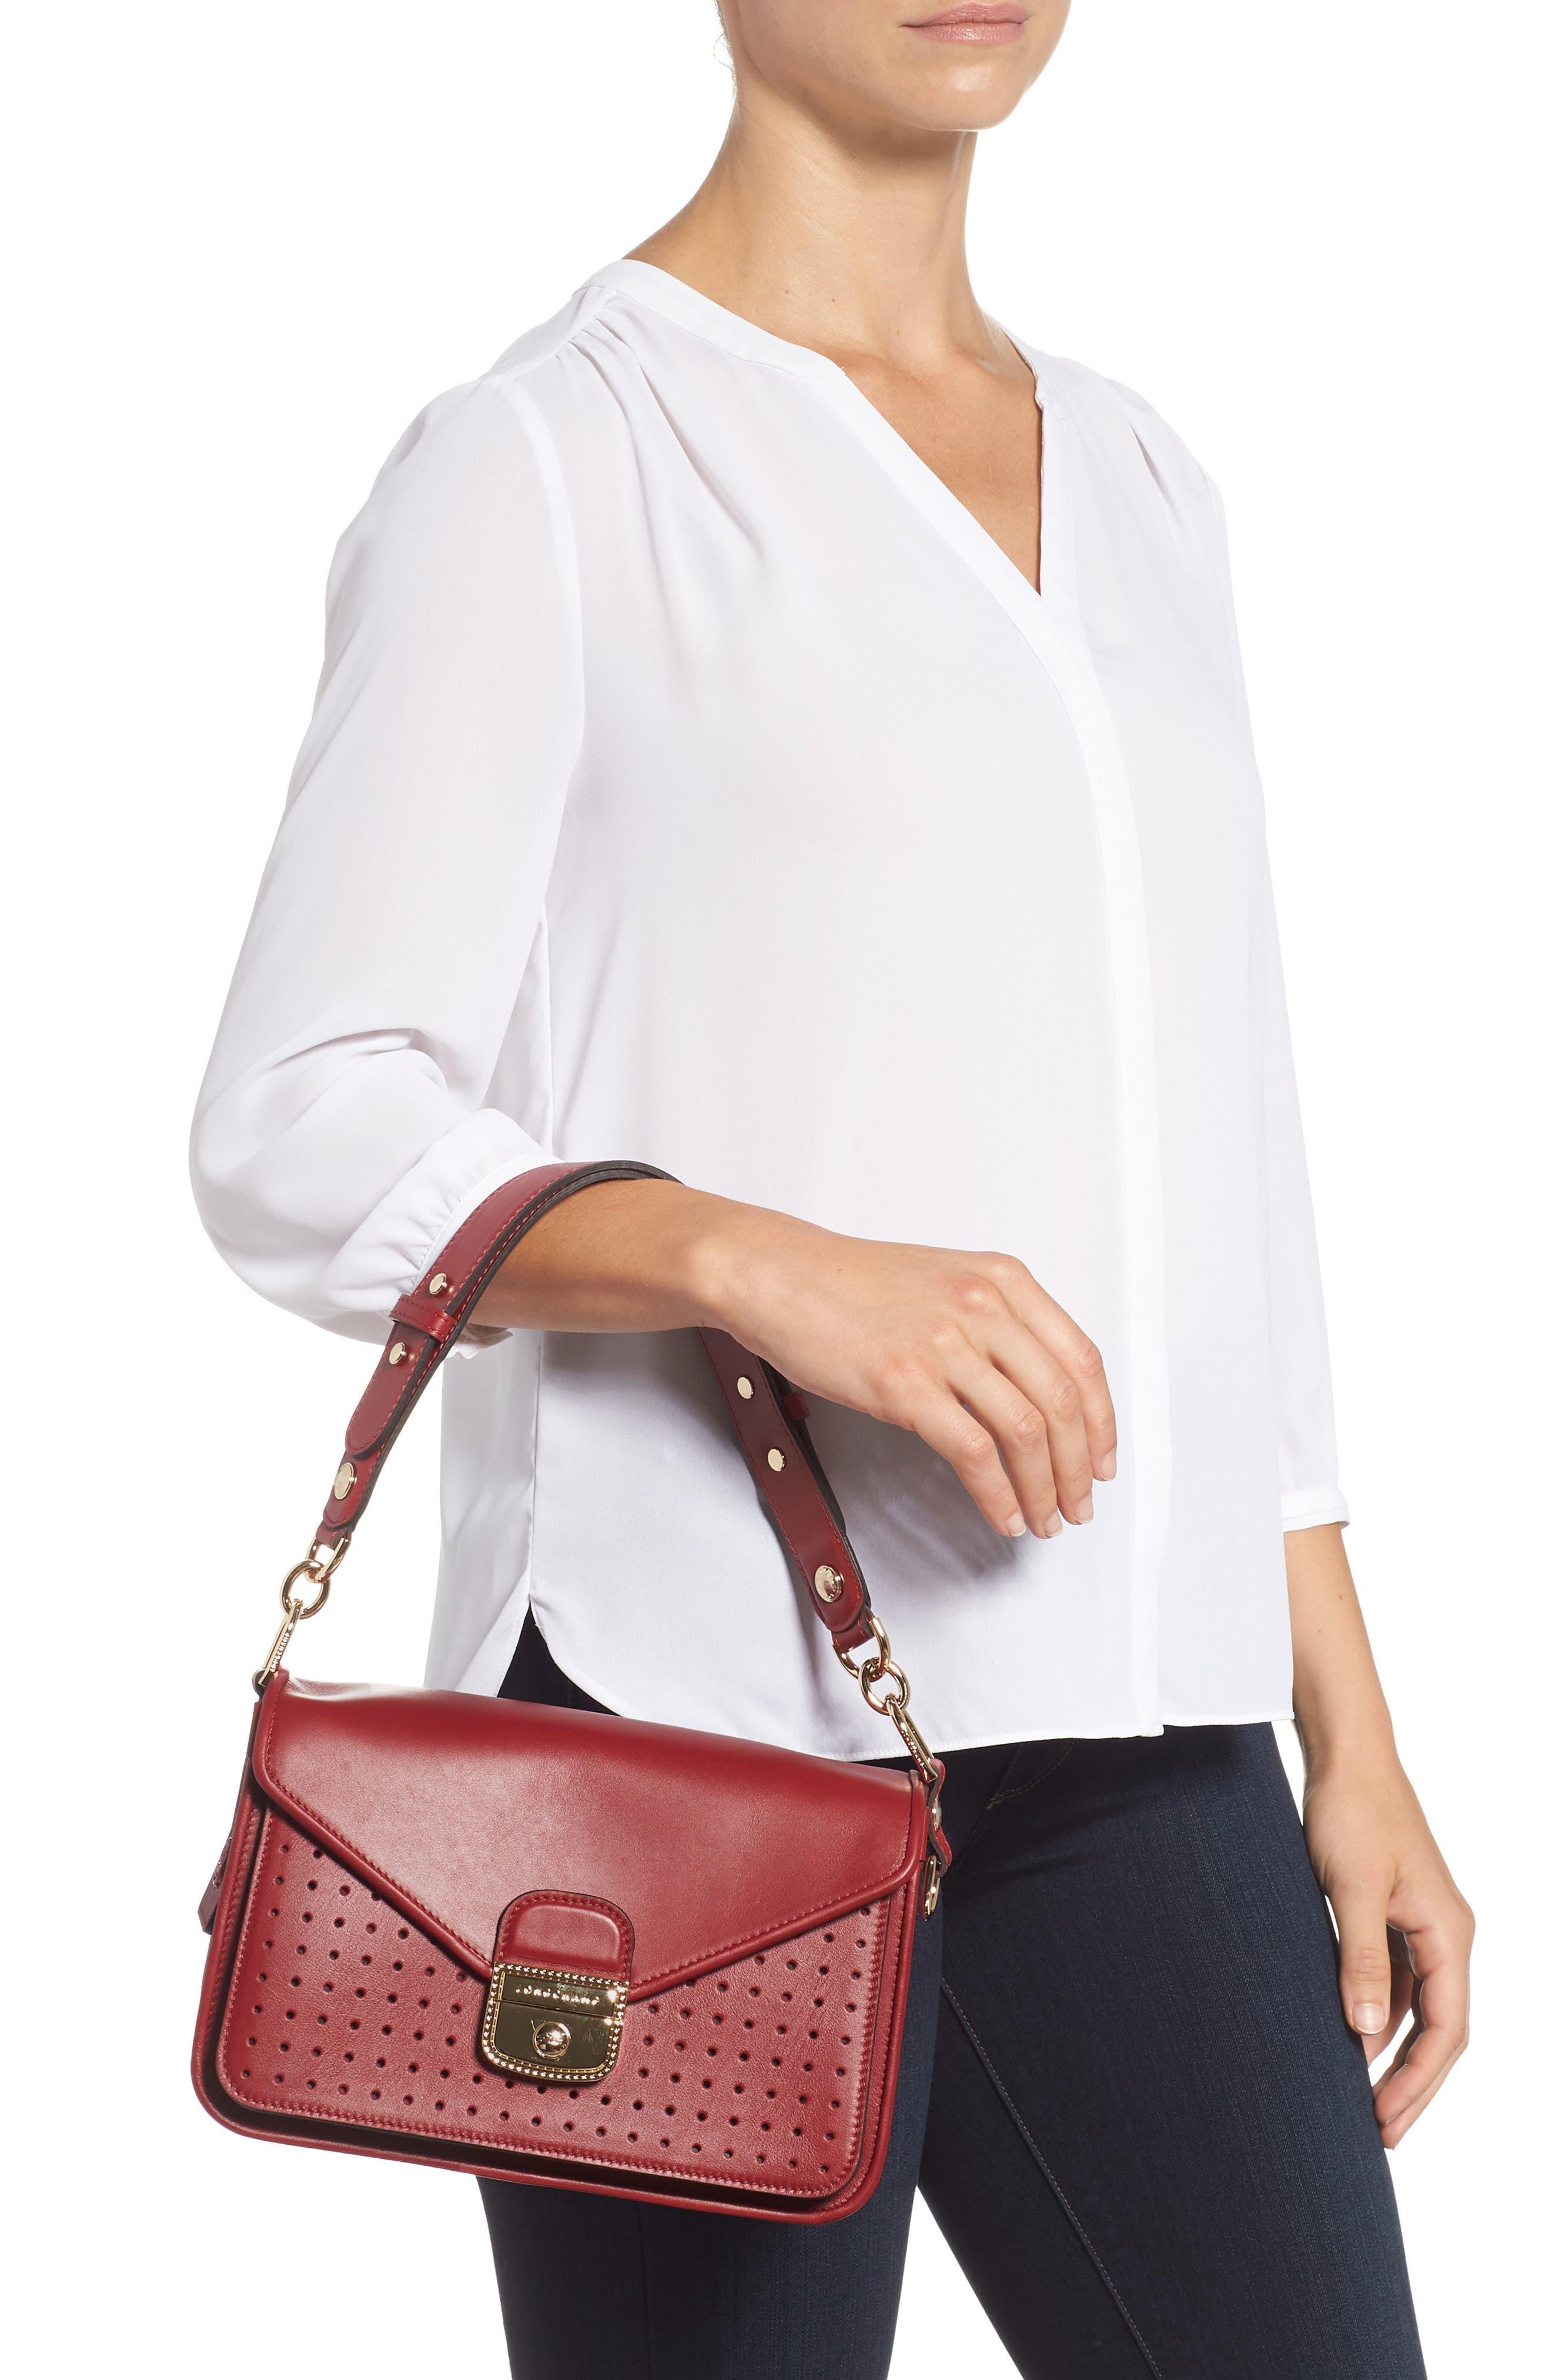 Mademoiselle Calfskin Leather Crossbody Bag,                             Alternate thumbnail 2, color,                             GARNET RED